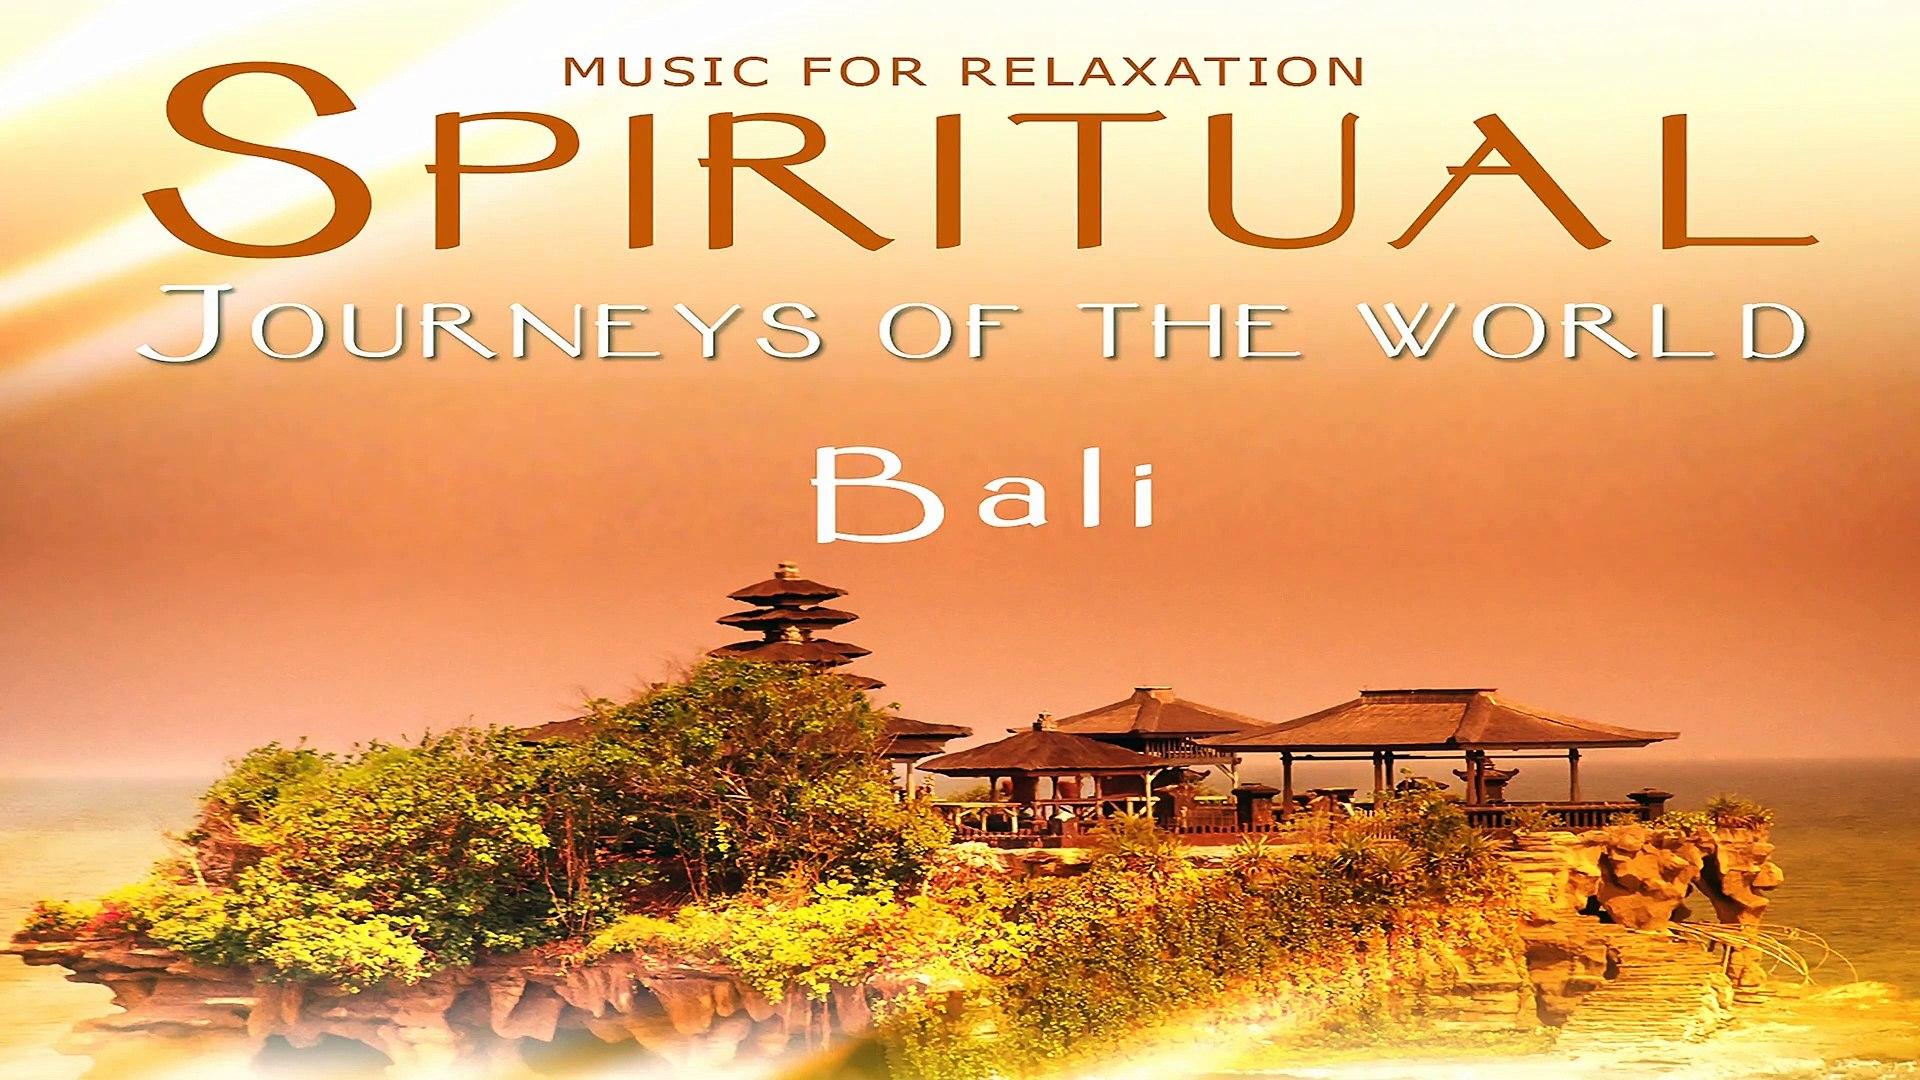 Spiritual Bali Meditation Music, Spiritual Journeys of The World for Yoga, Sleep and SPA